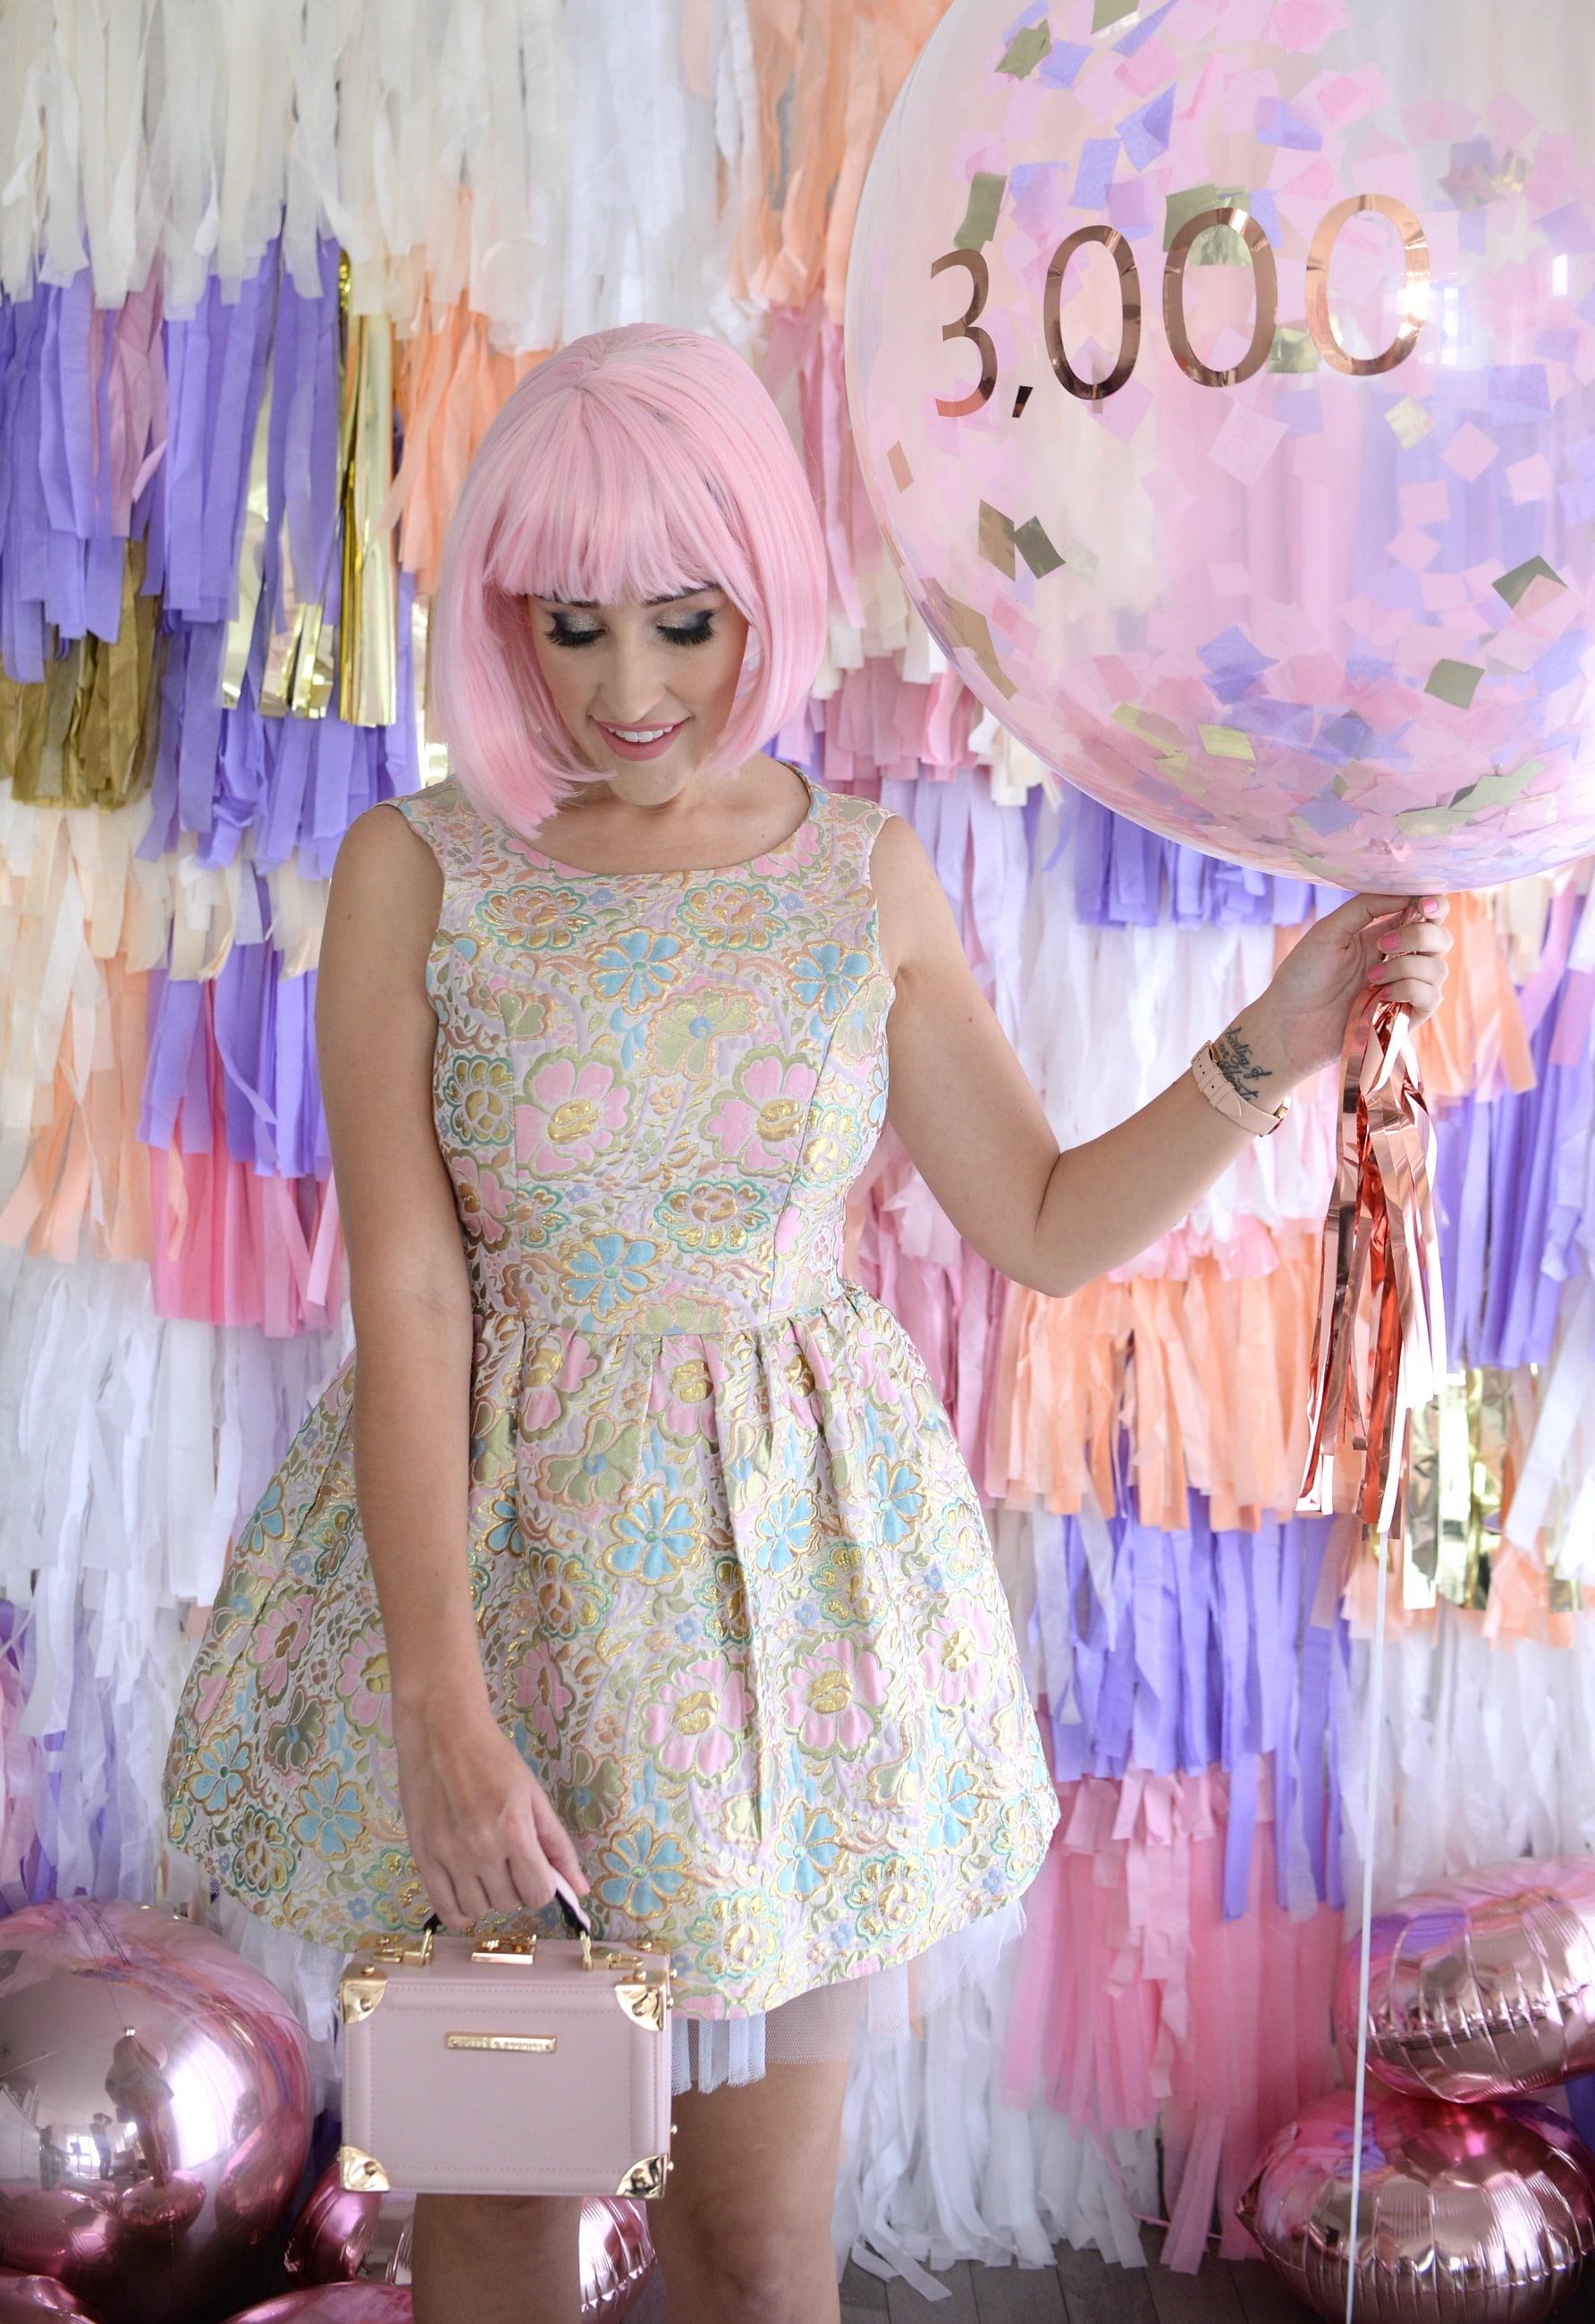 Tassel Wall Tassel Garland 3000th Blog Post The Pink Millennial 10 The Pink Millennial